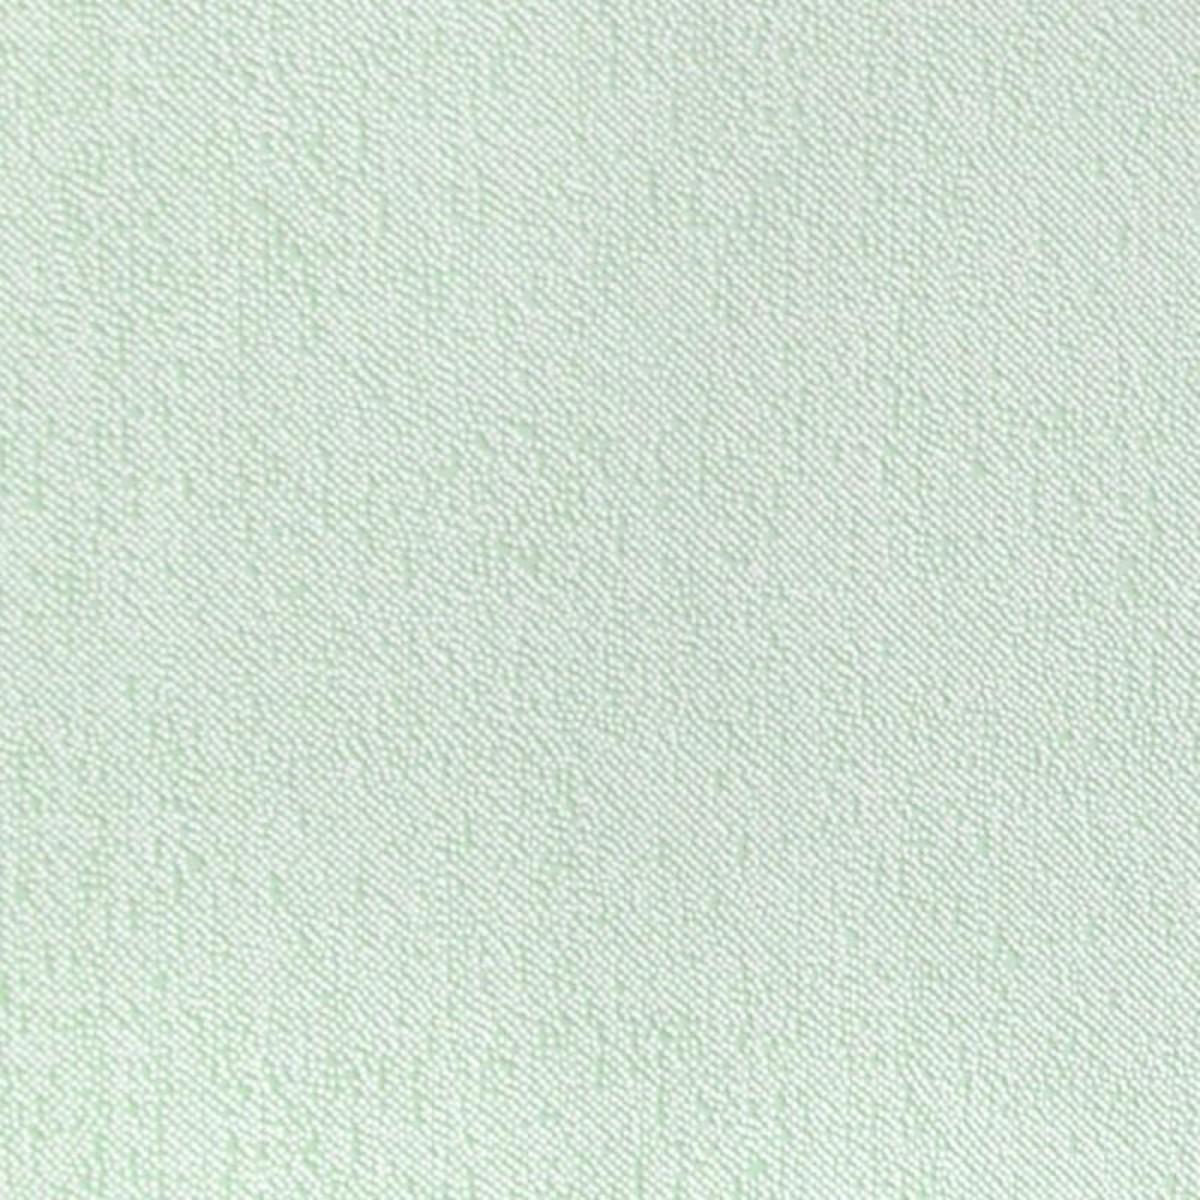 Обои виниловые Elysium Веста зеленые 0.53 м 22802